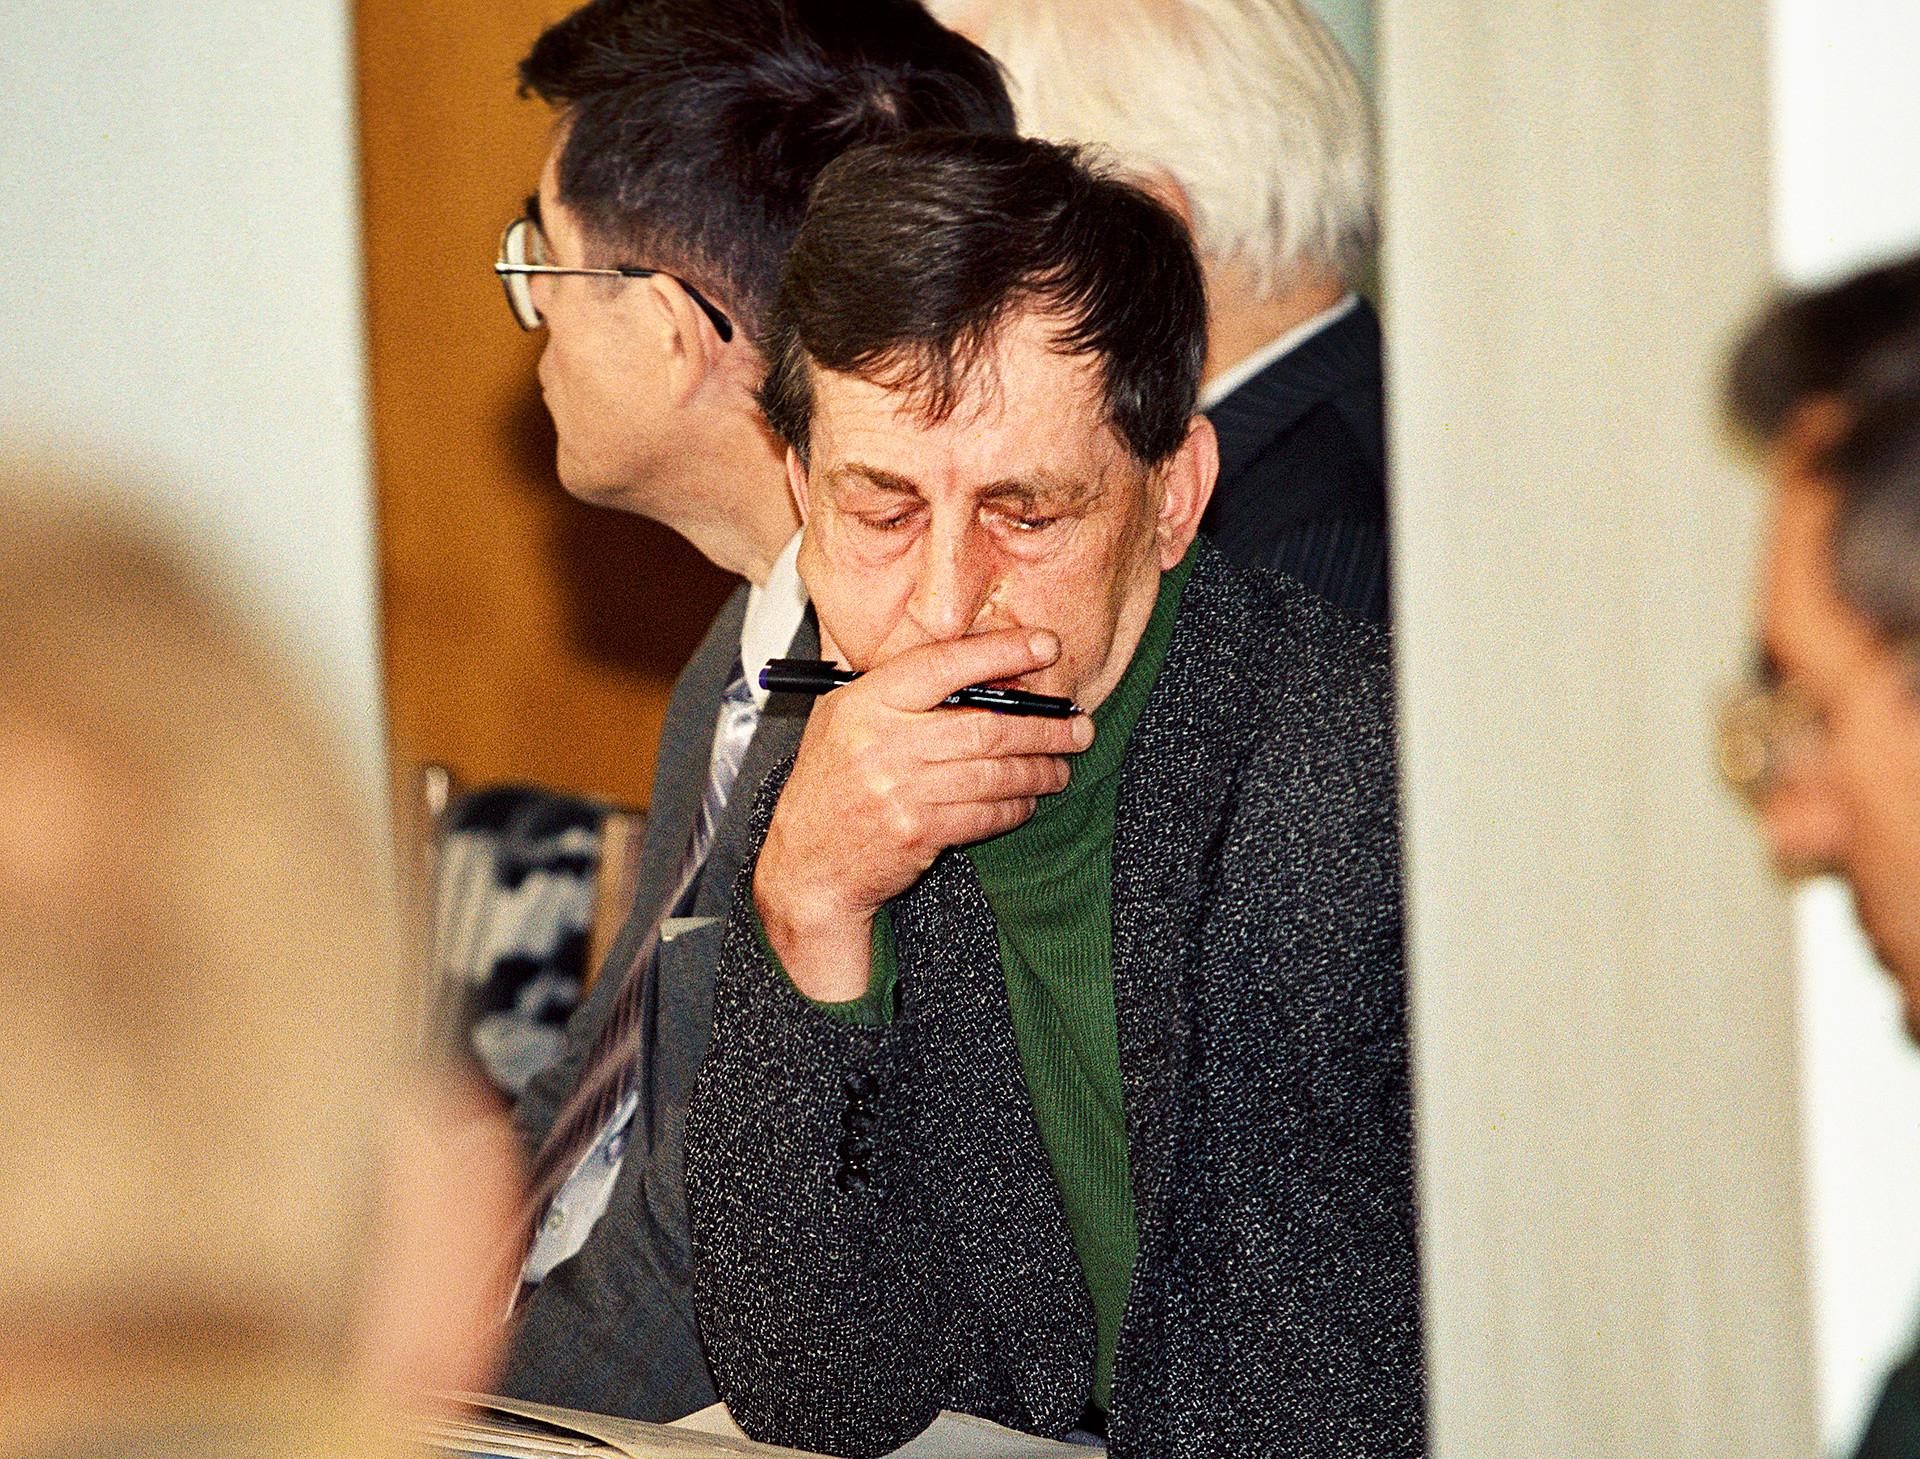 アナトリー・ブゴルスキー氏、「高エネルギー物理研究機構」(IHEP)、モスクワ州